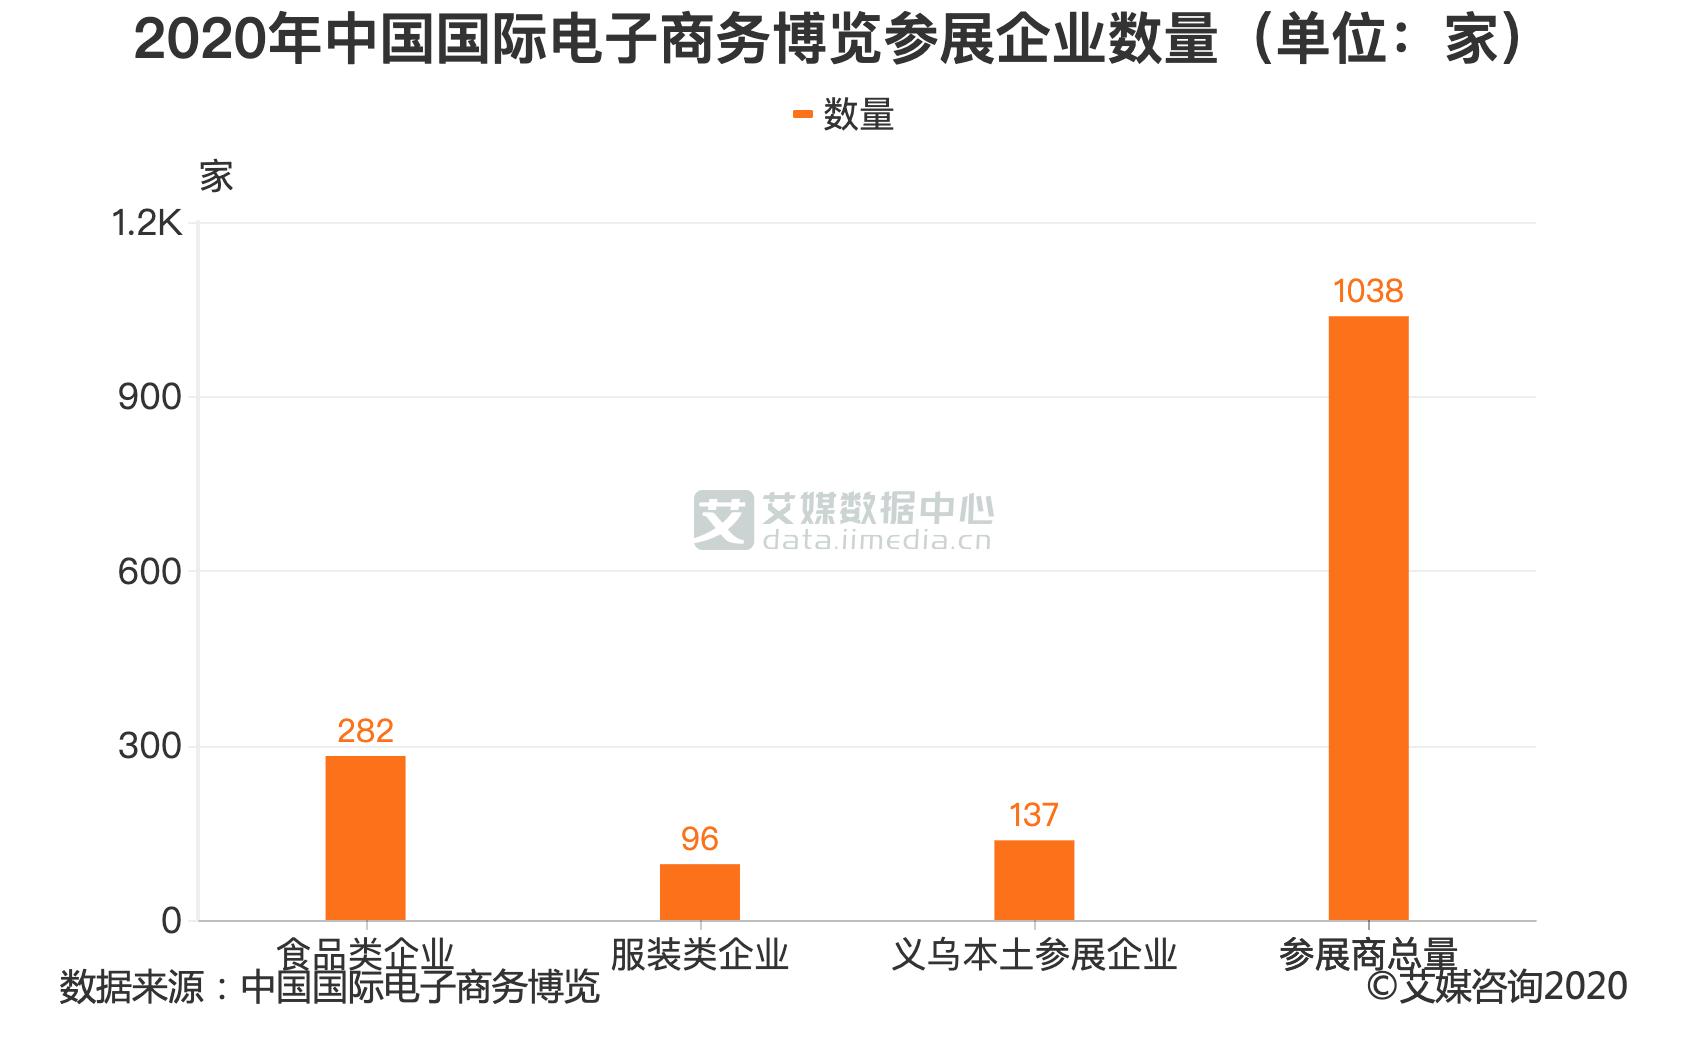 2020年中国国际电子商务博览参展企业数量(单位:家)